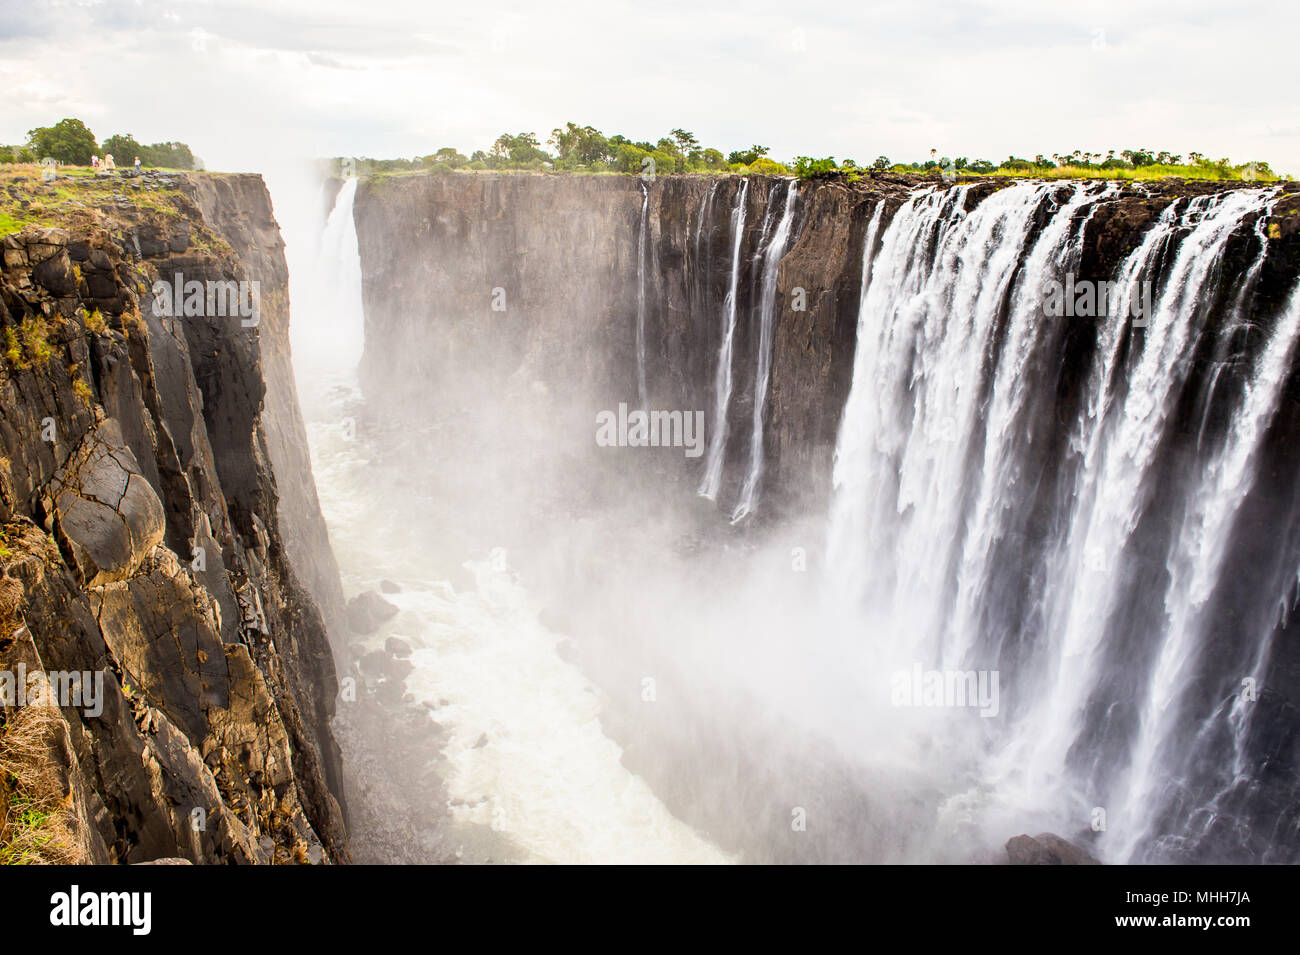 Scenic view of the Victoria Falls, Zambezi River, Zimbabwe and Zambia - Stock Image